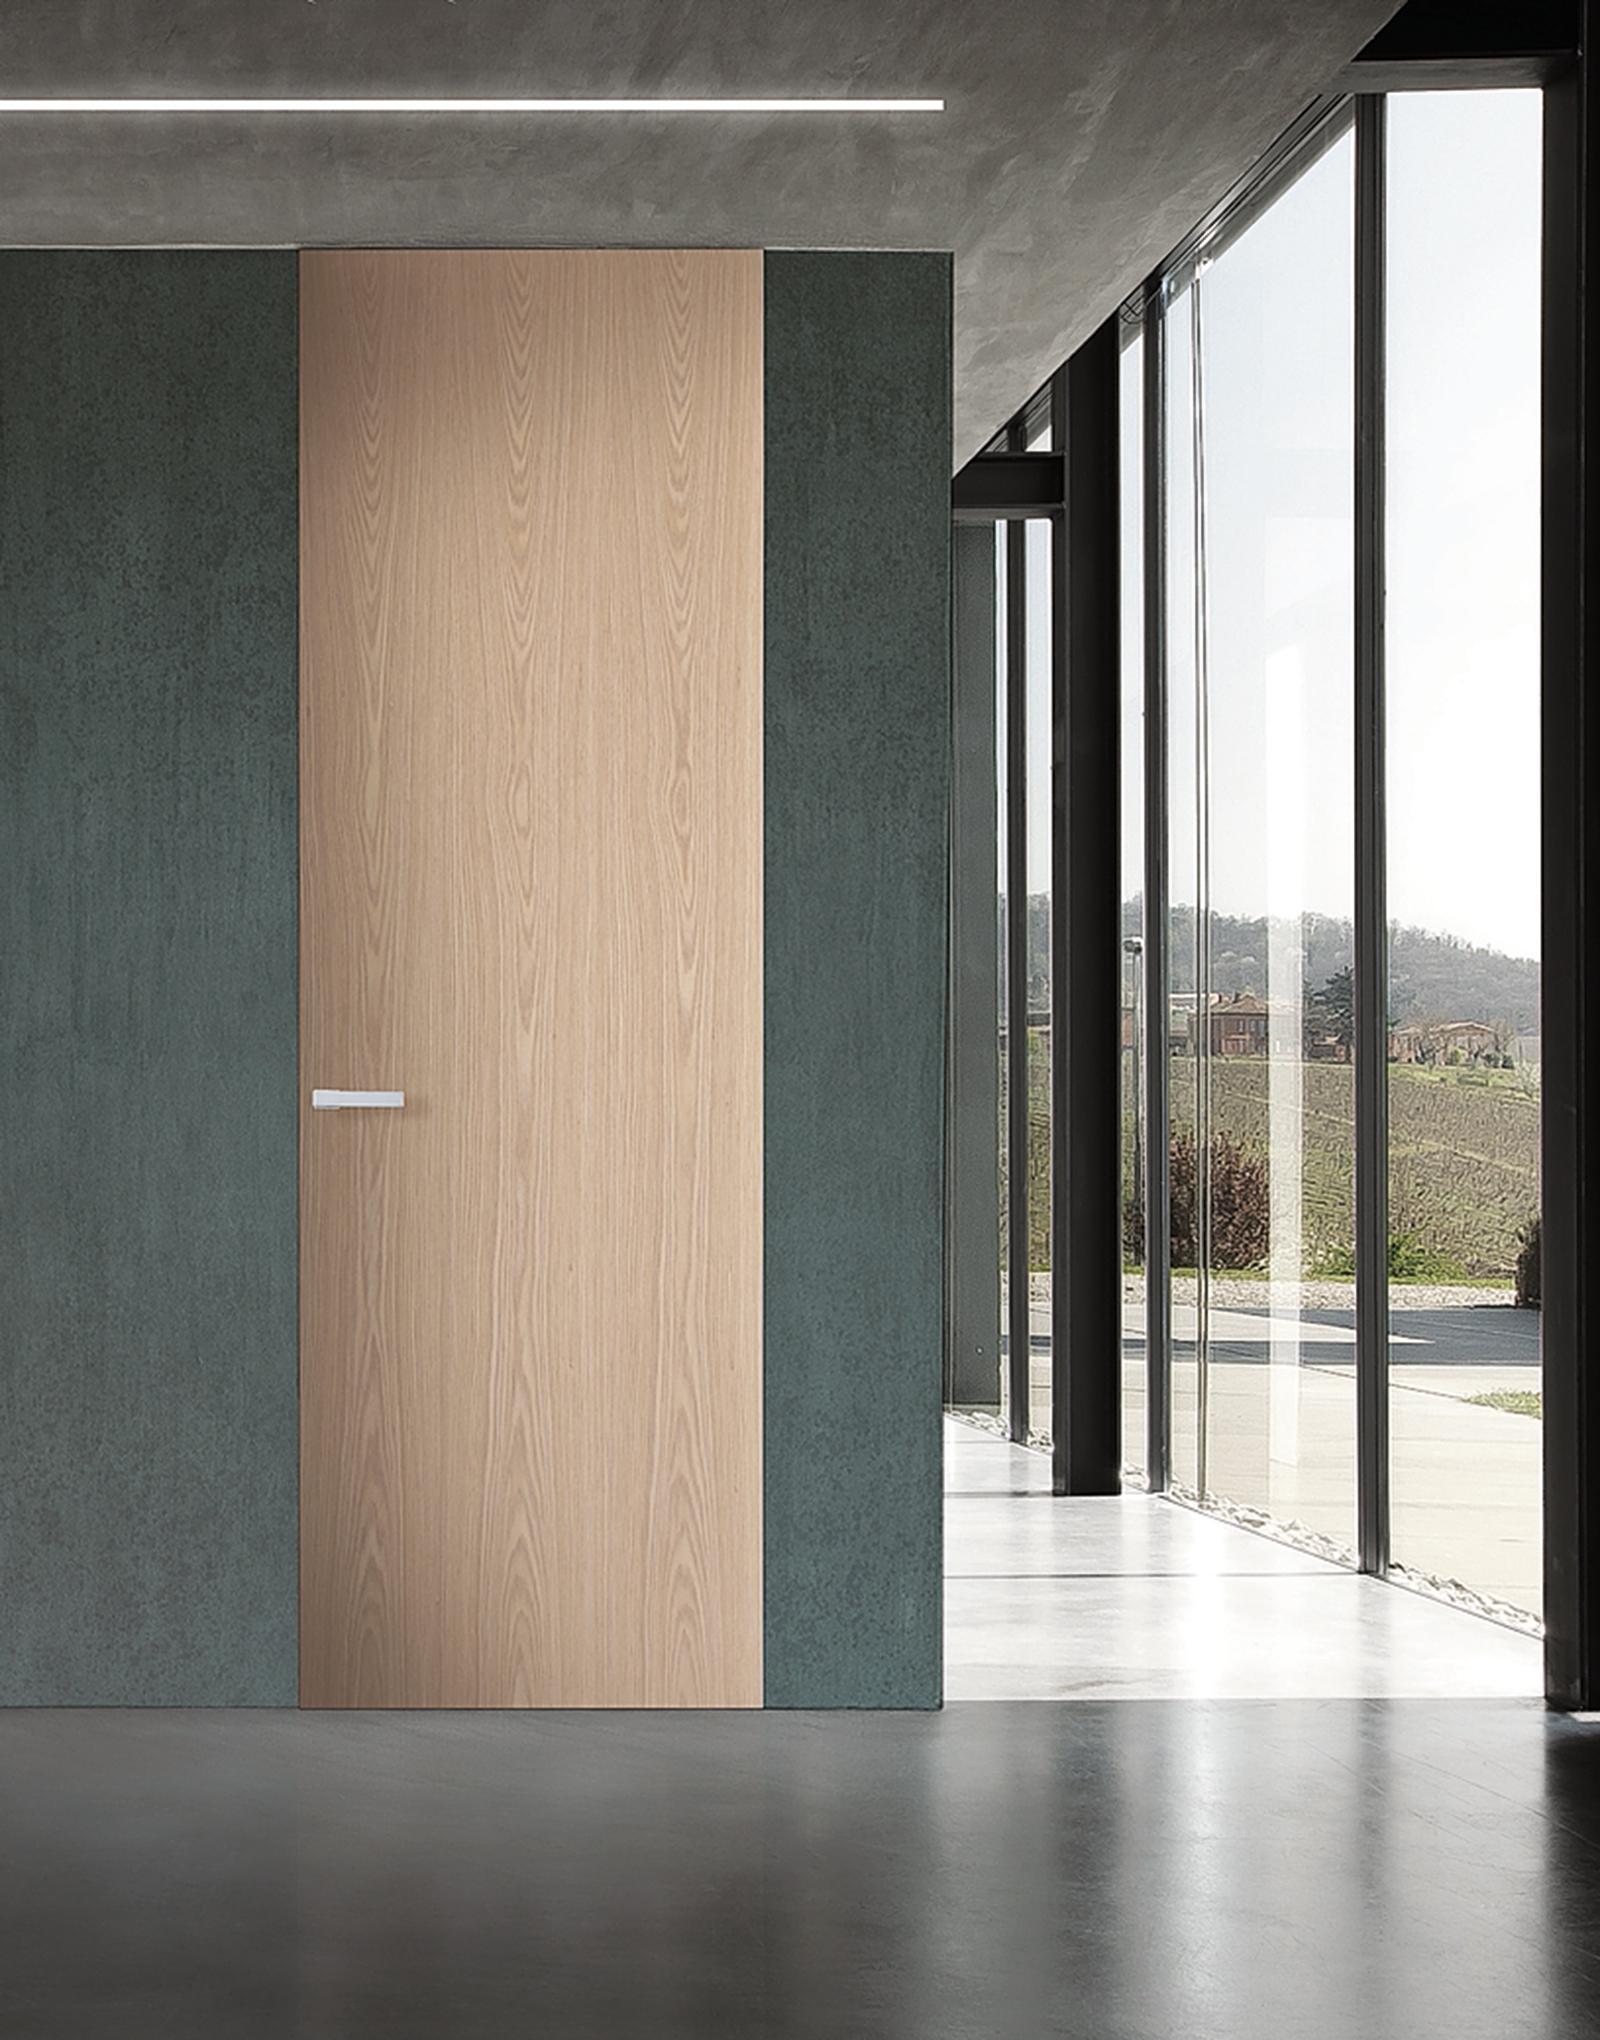 Migliori Maniglie Per Porte Interne porte interne di tutte le tipologie: quale scegliere - cose